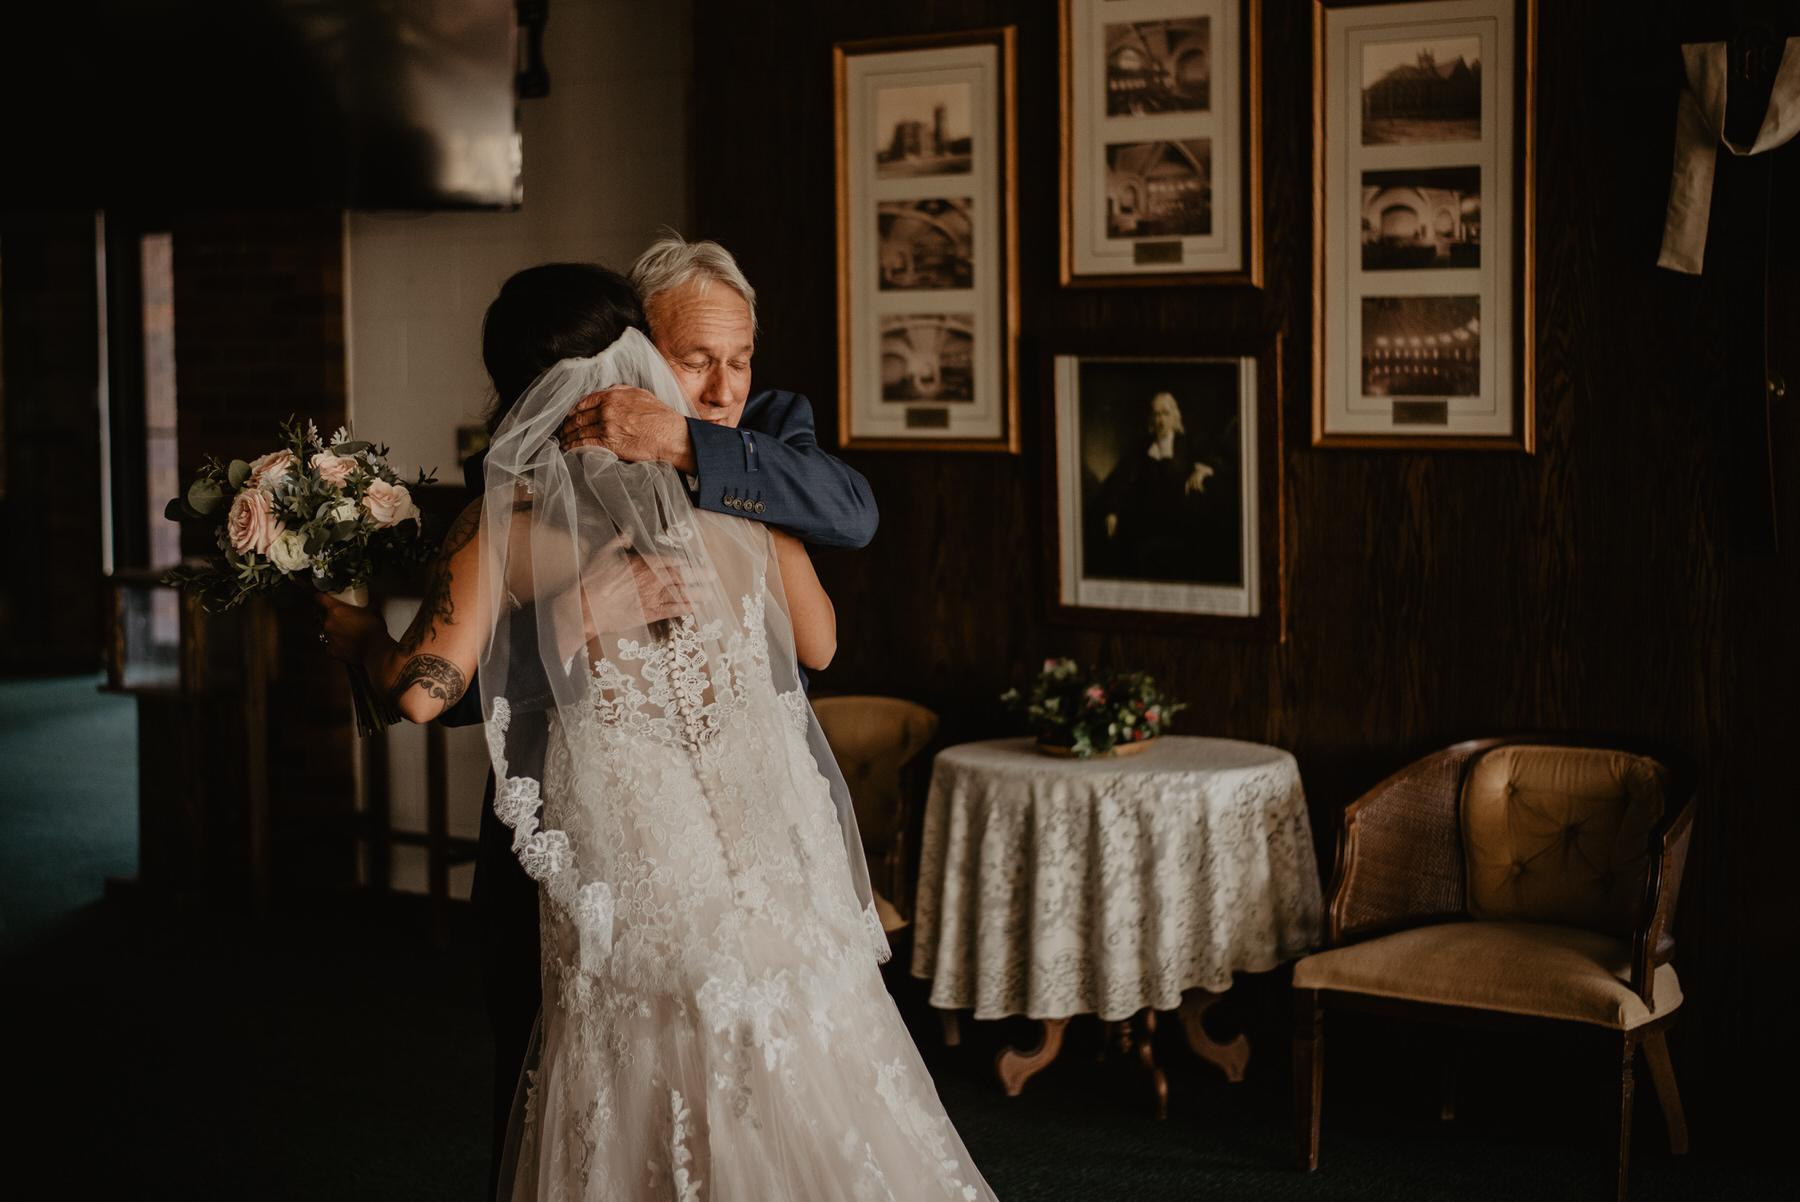 Kaylie-Sirek-Photography-Kearney-Nebraska-Wedding-035.jpg